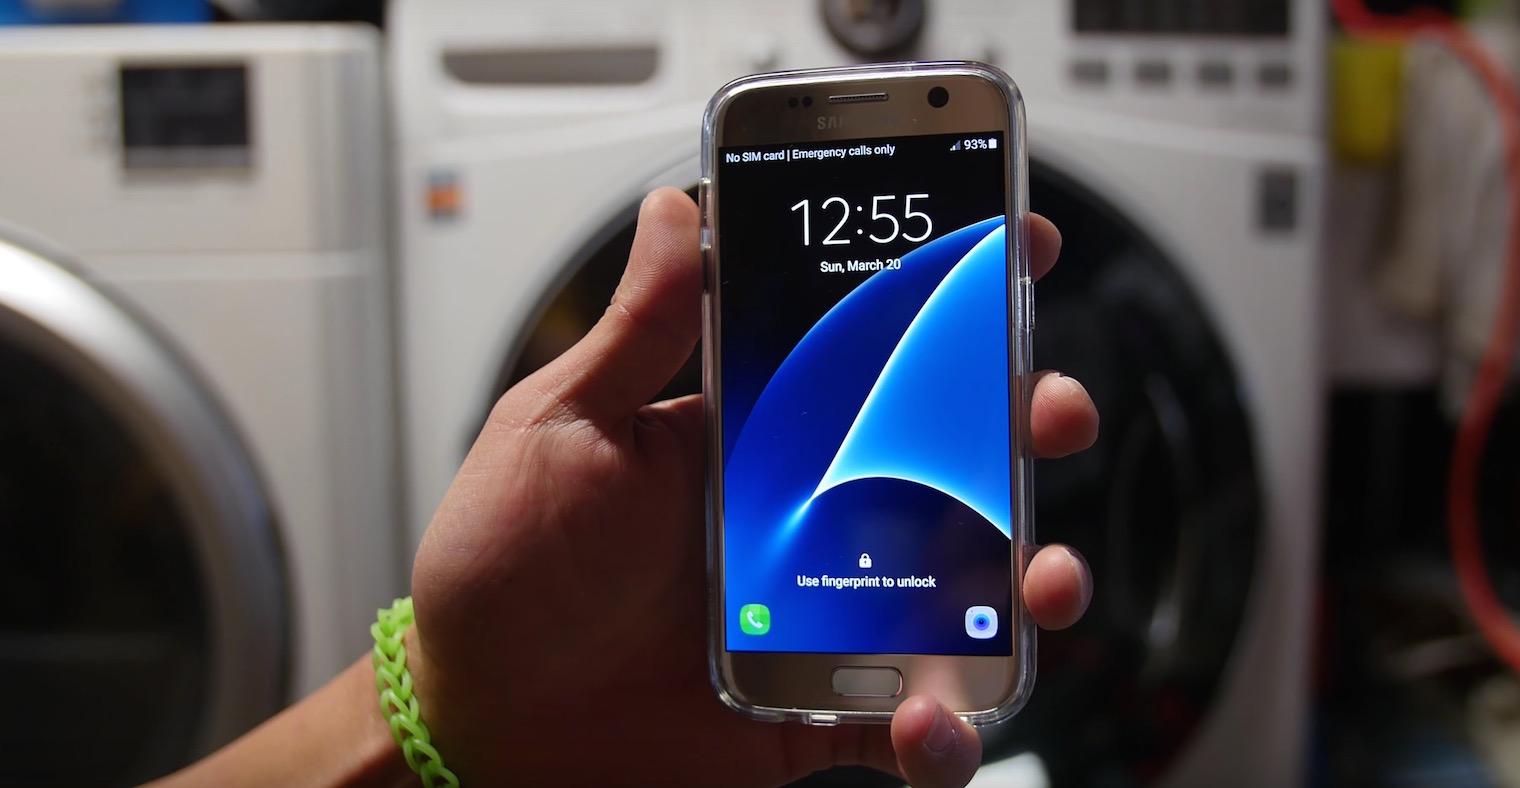 Samsung Galaxy S7 supravietuieste timp de 45 de minute in masina de spalat